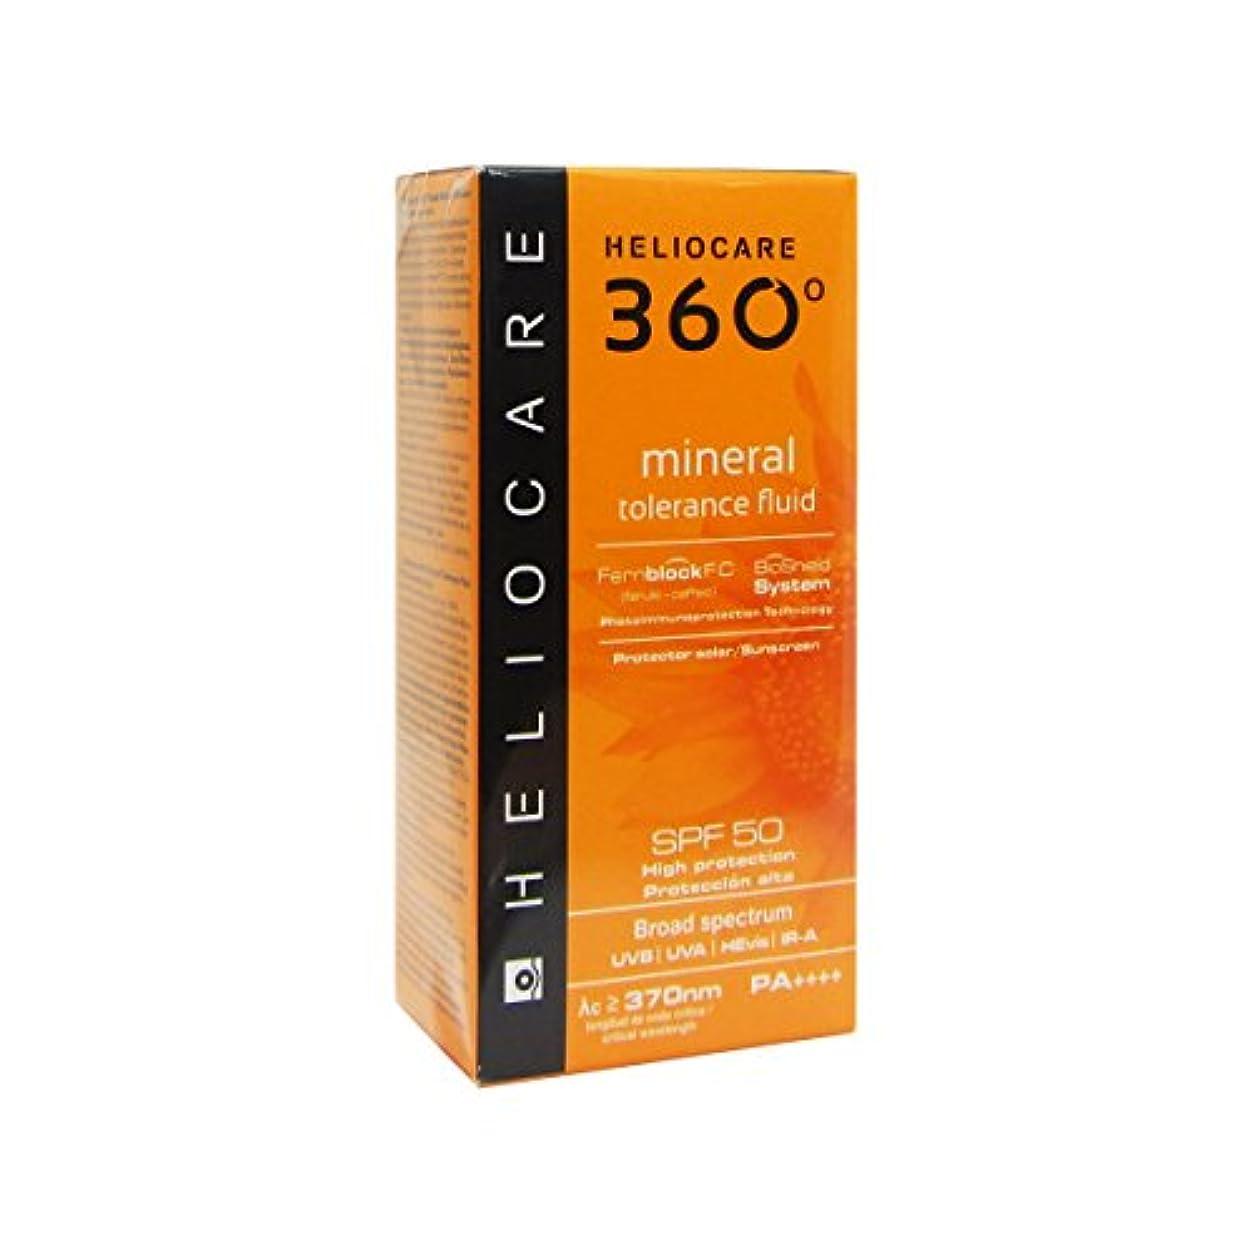 シャトル困難デモンストレーションHeliocare 360 Mineral Tolerance Fluid Spf50 50ml [並行輸入品]